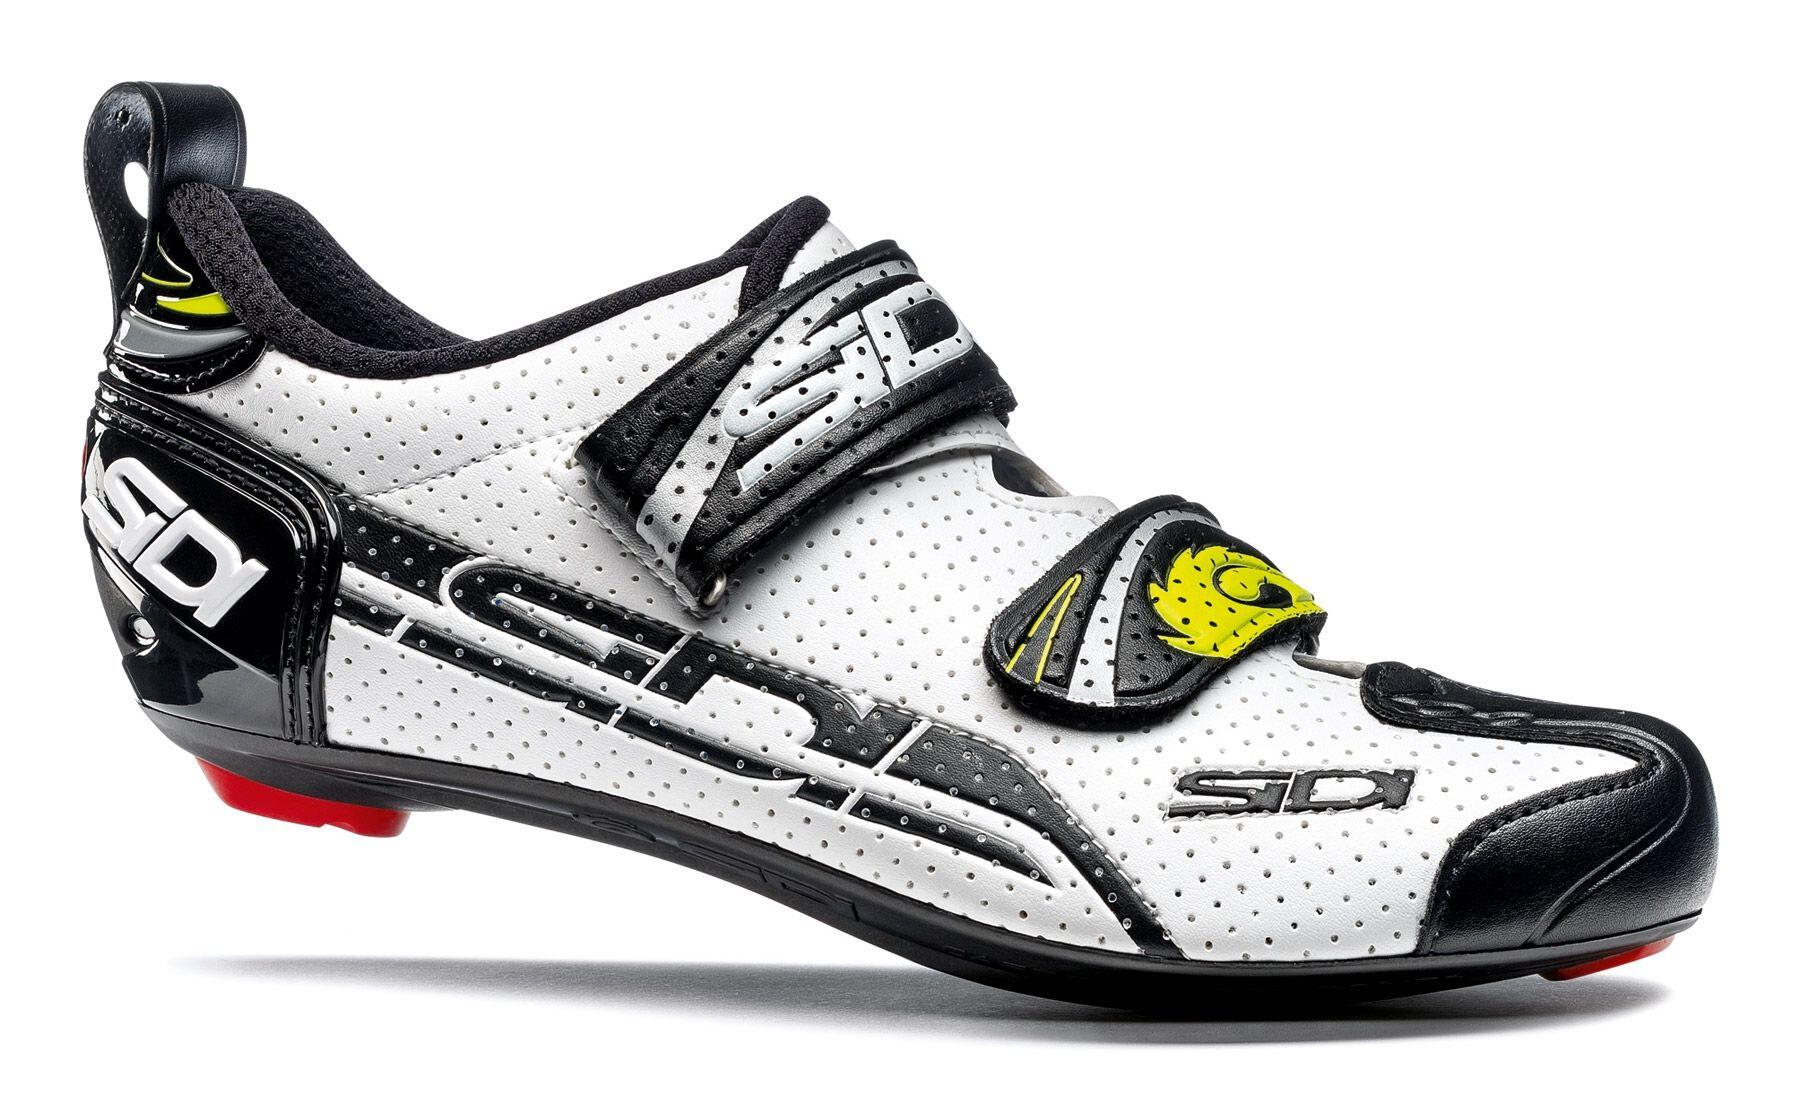 Gaerne G.Kona sko Herre white | Gode tilbud hos bikester.no